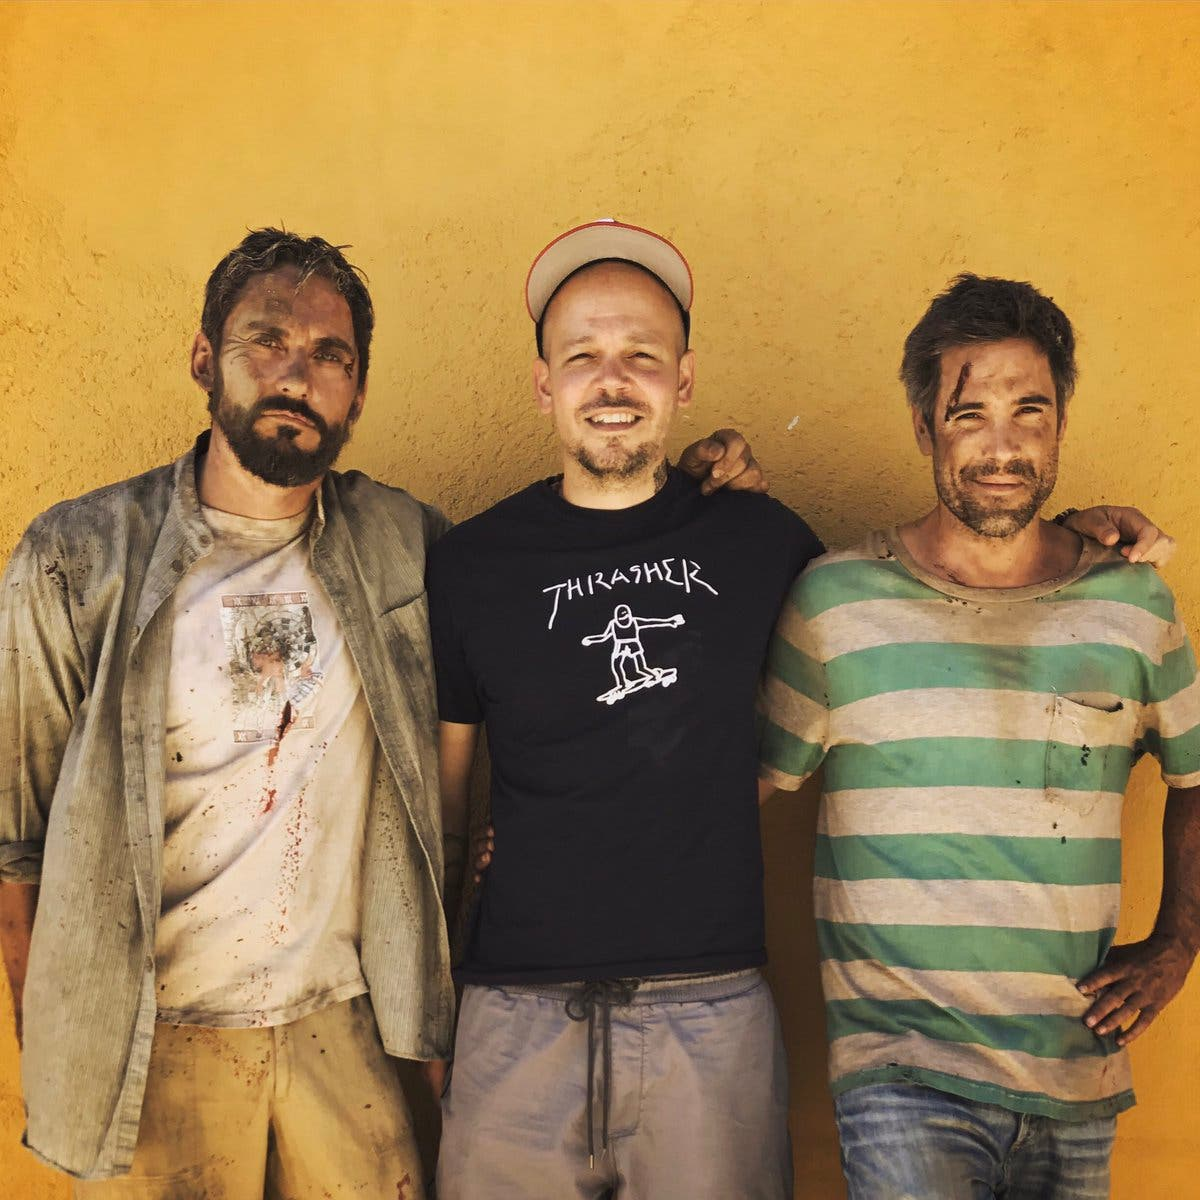 """Residente, sobre su videoclip """"Guerra» : """"Será fuerte y real, no grotesco»"""